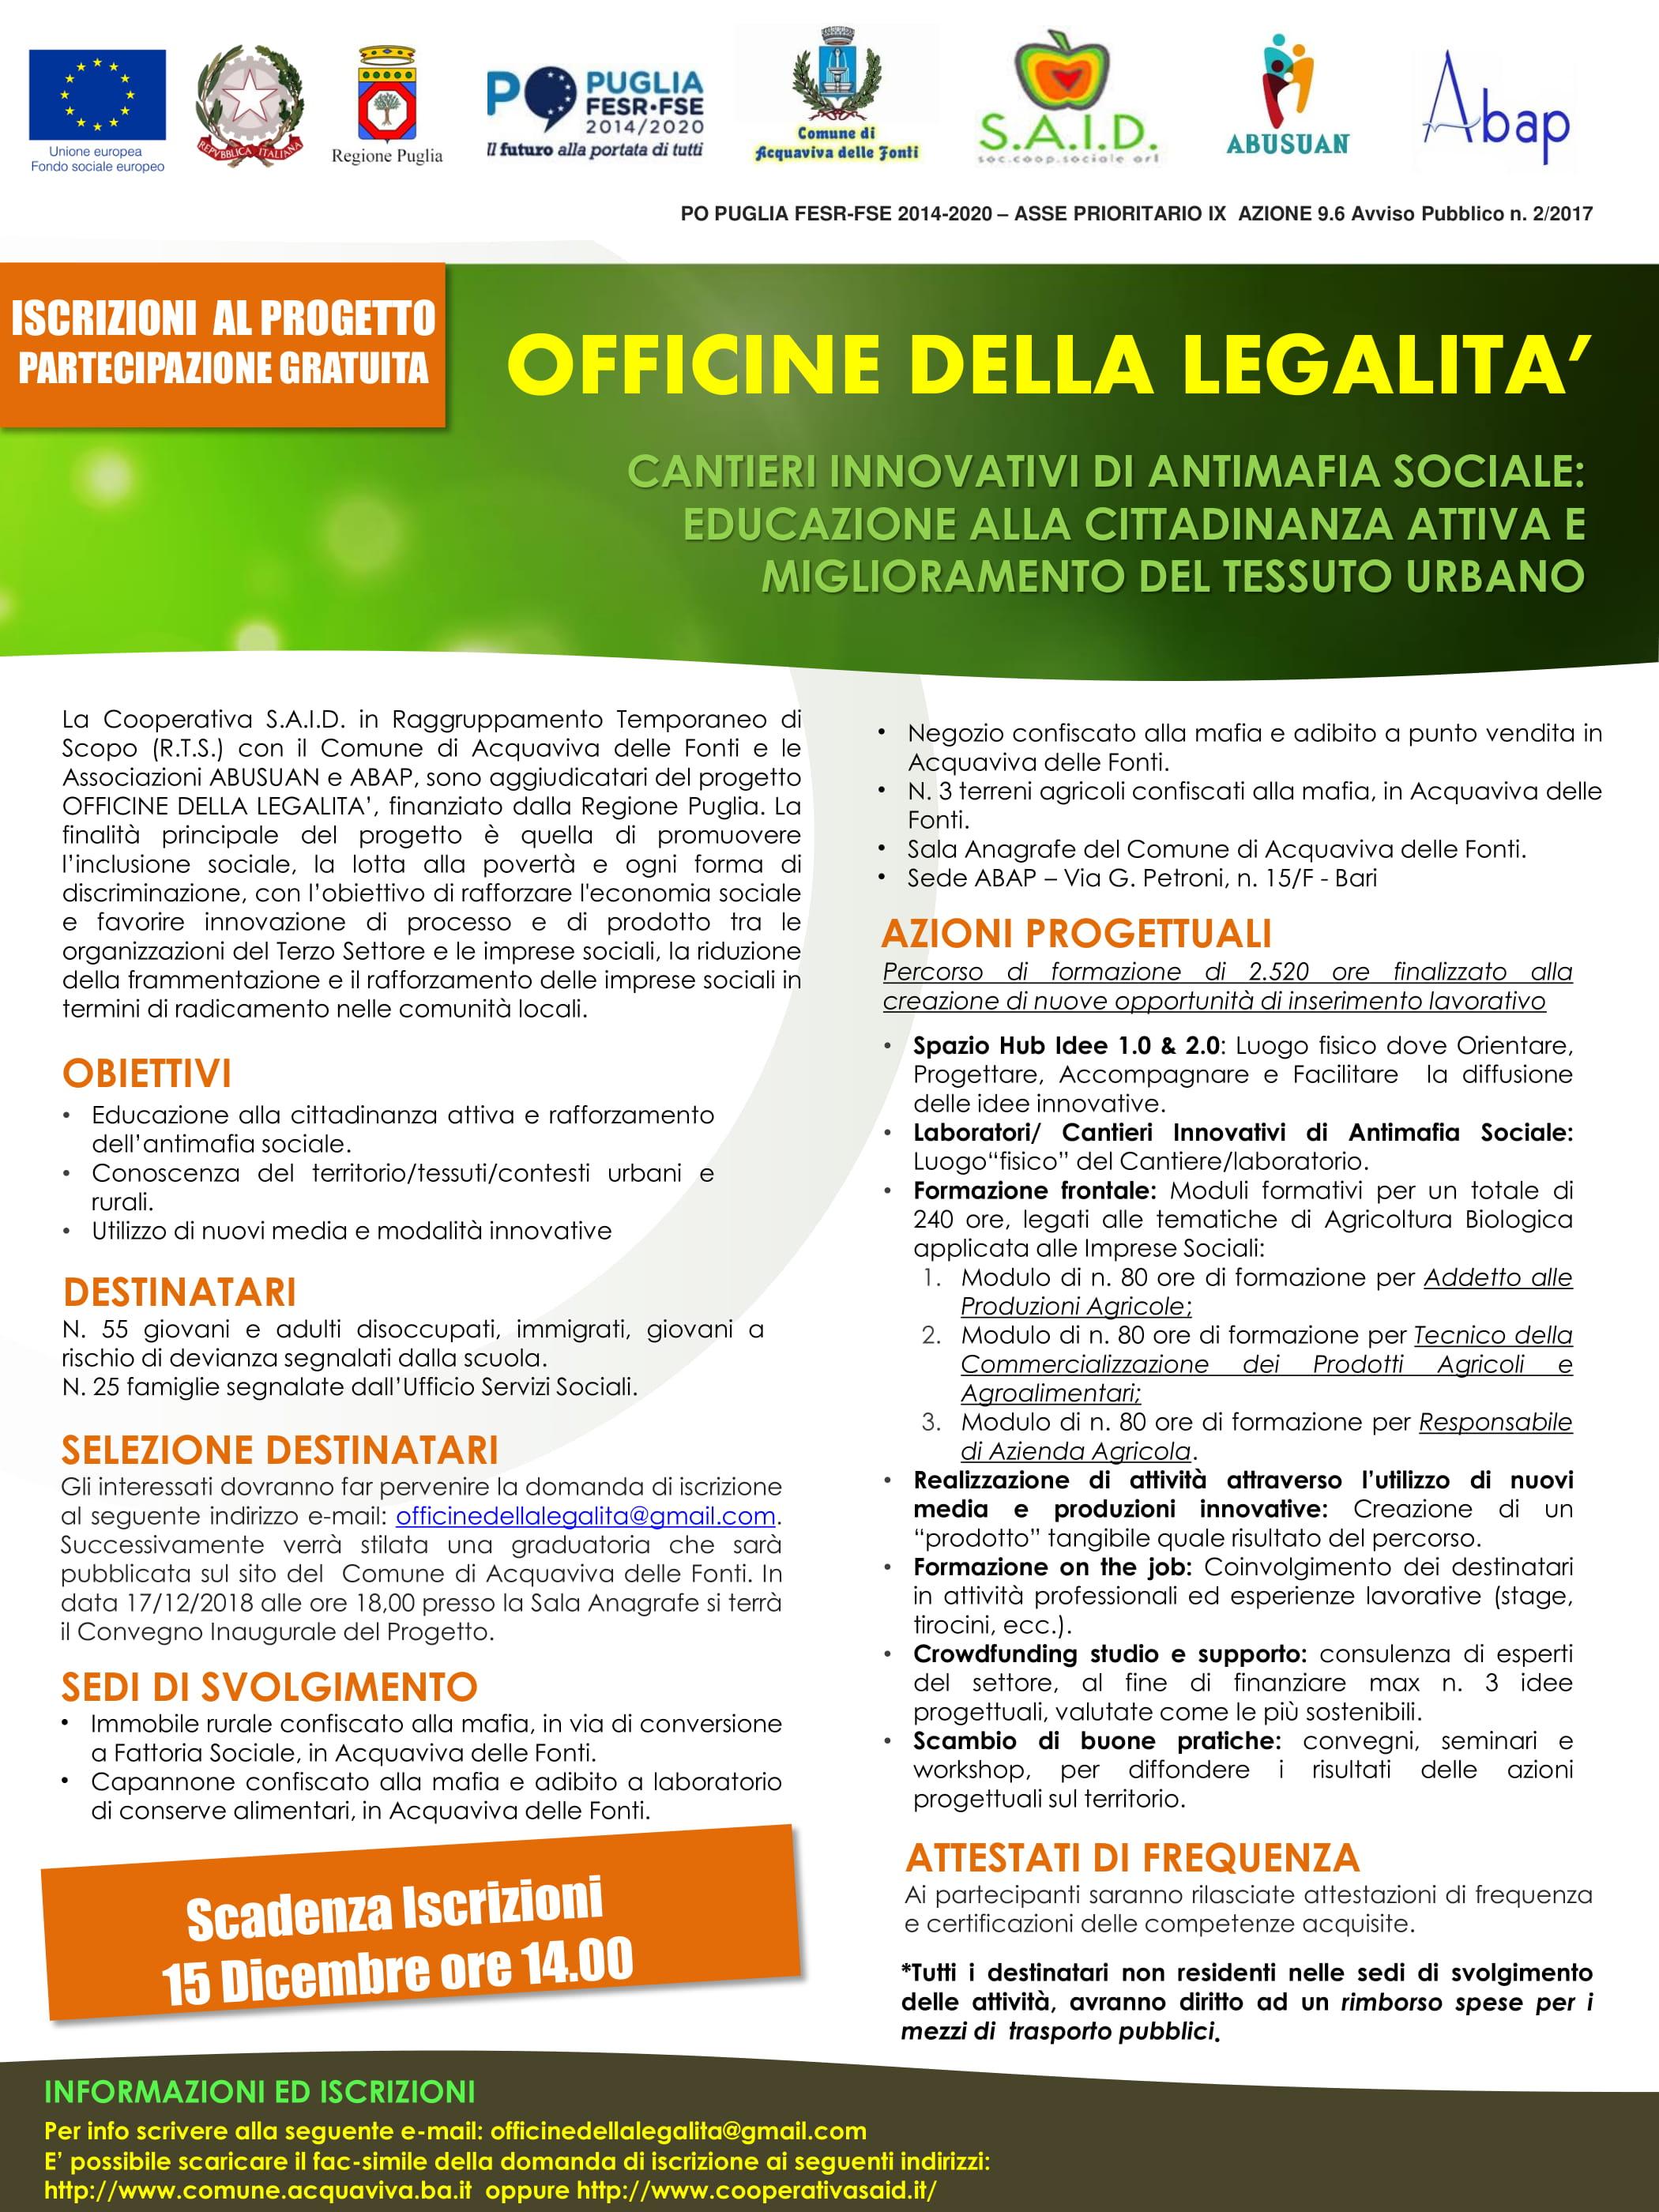 1.locandina-utenti-diretti-officine-def-1